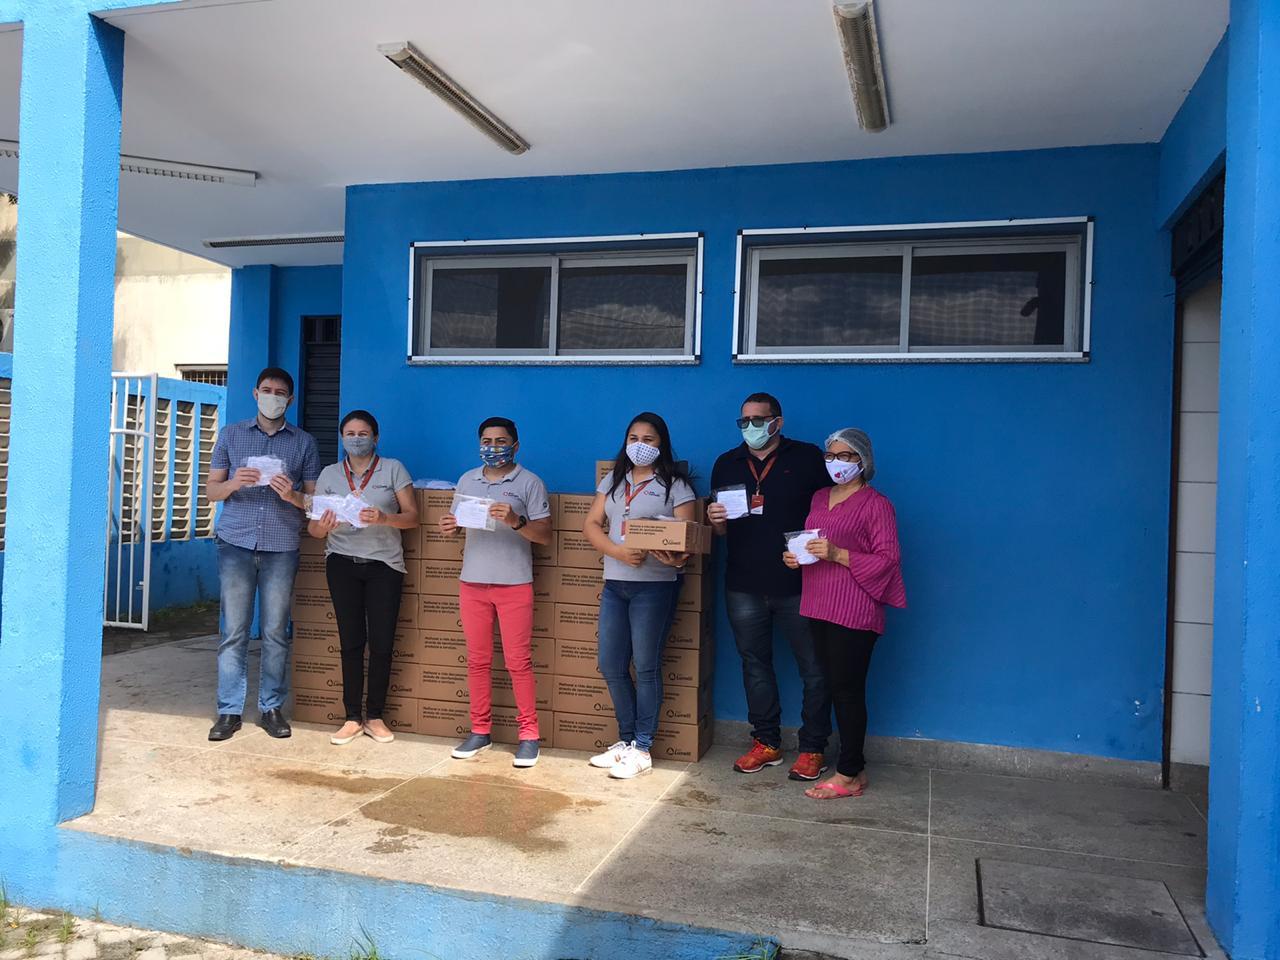 Coronavírus: Lunelli doa mais de 10 mil máscaras para prefeitura